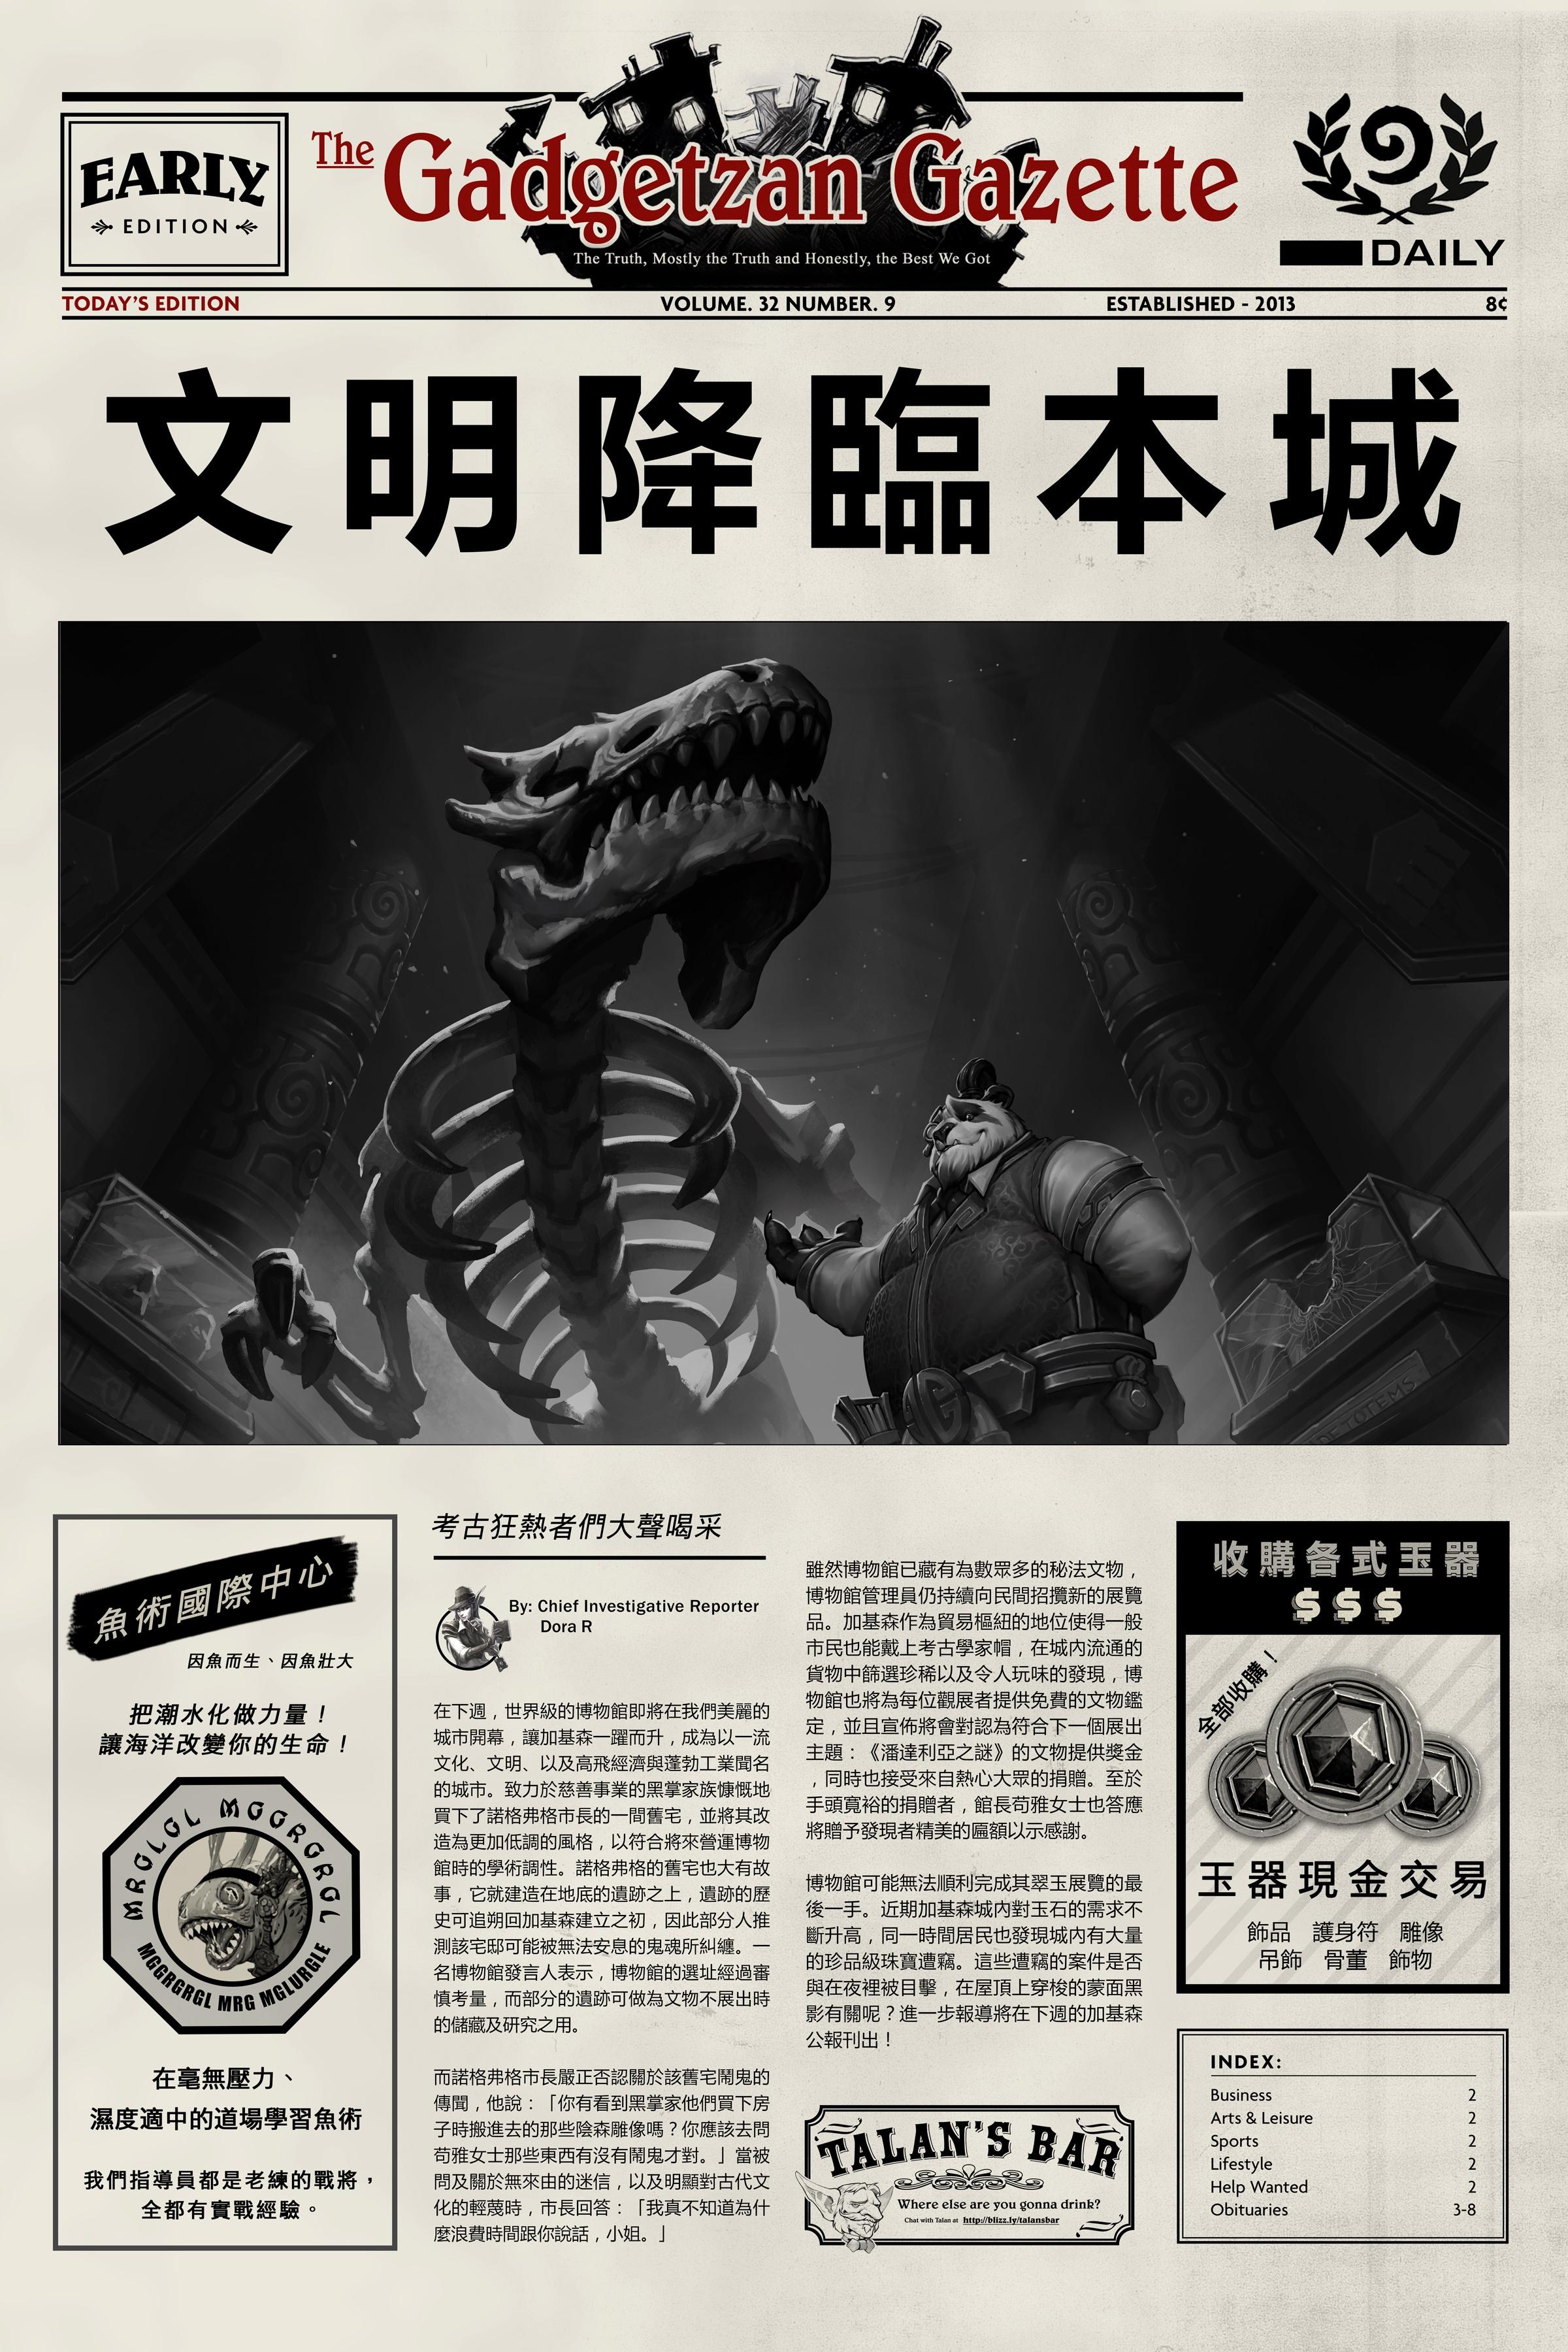 03Museum_zhTW_HS_Newspaper_LW_2400x3600.jpg